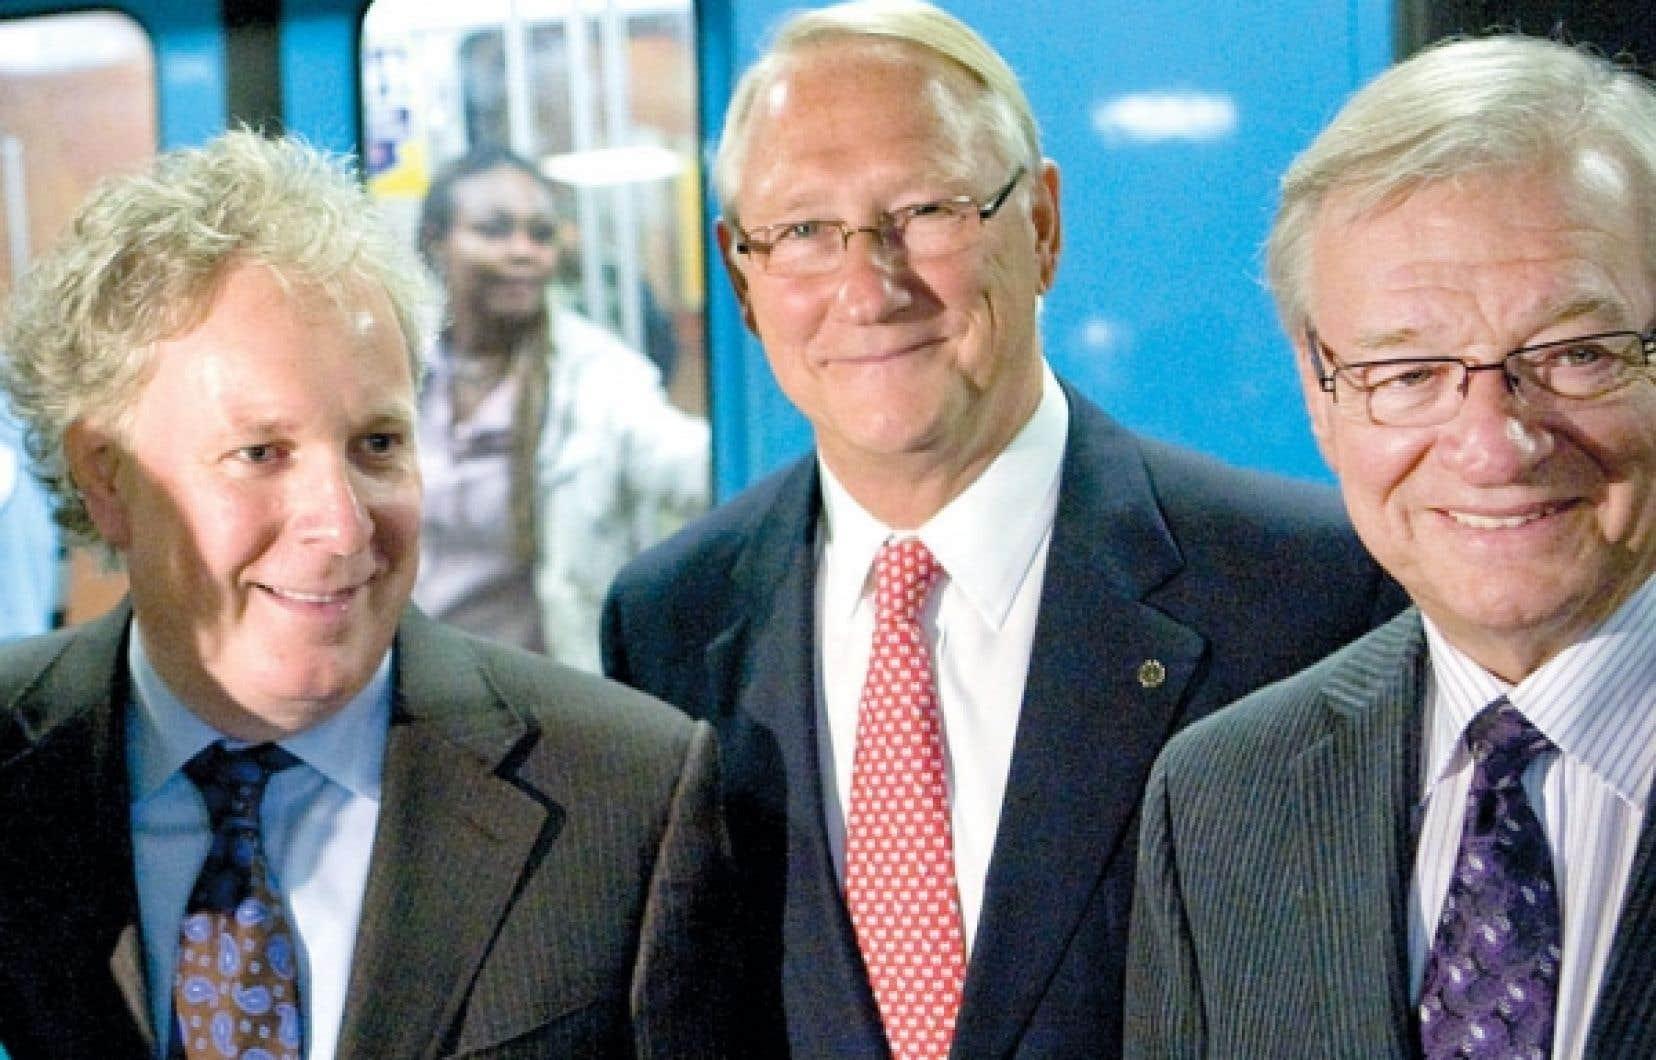 <div> Gilles Vaillancourt est la cible d&rsquo;une enqu&ecirc;te sans pr&eacute;c&eacute;dent de l&#39;UPAC. Ci-dessus, le maire d&eacute;missionnaire de Laval pose en compagnie de G&eacute;rald Tremblay et Jean Charest, le 16 septembre 2009.</div>